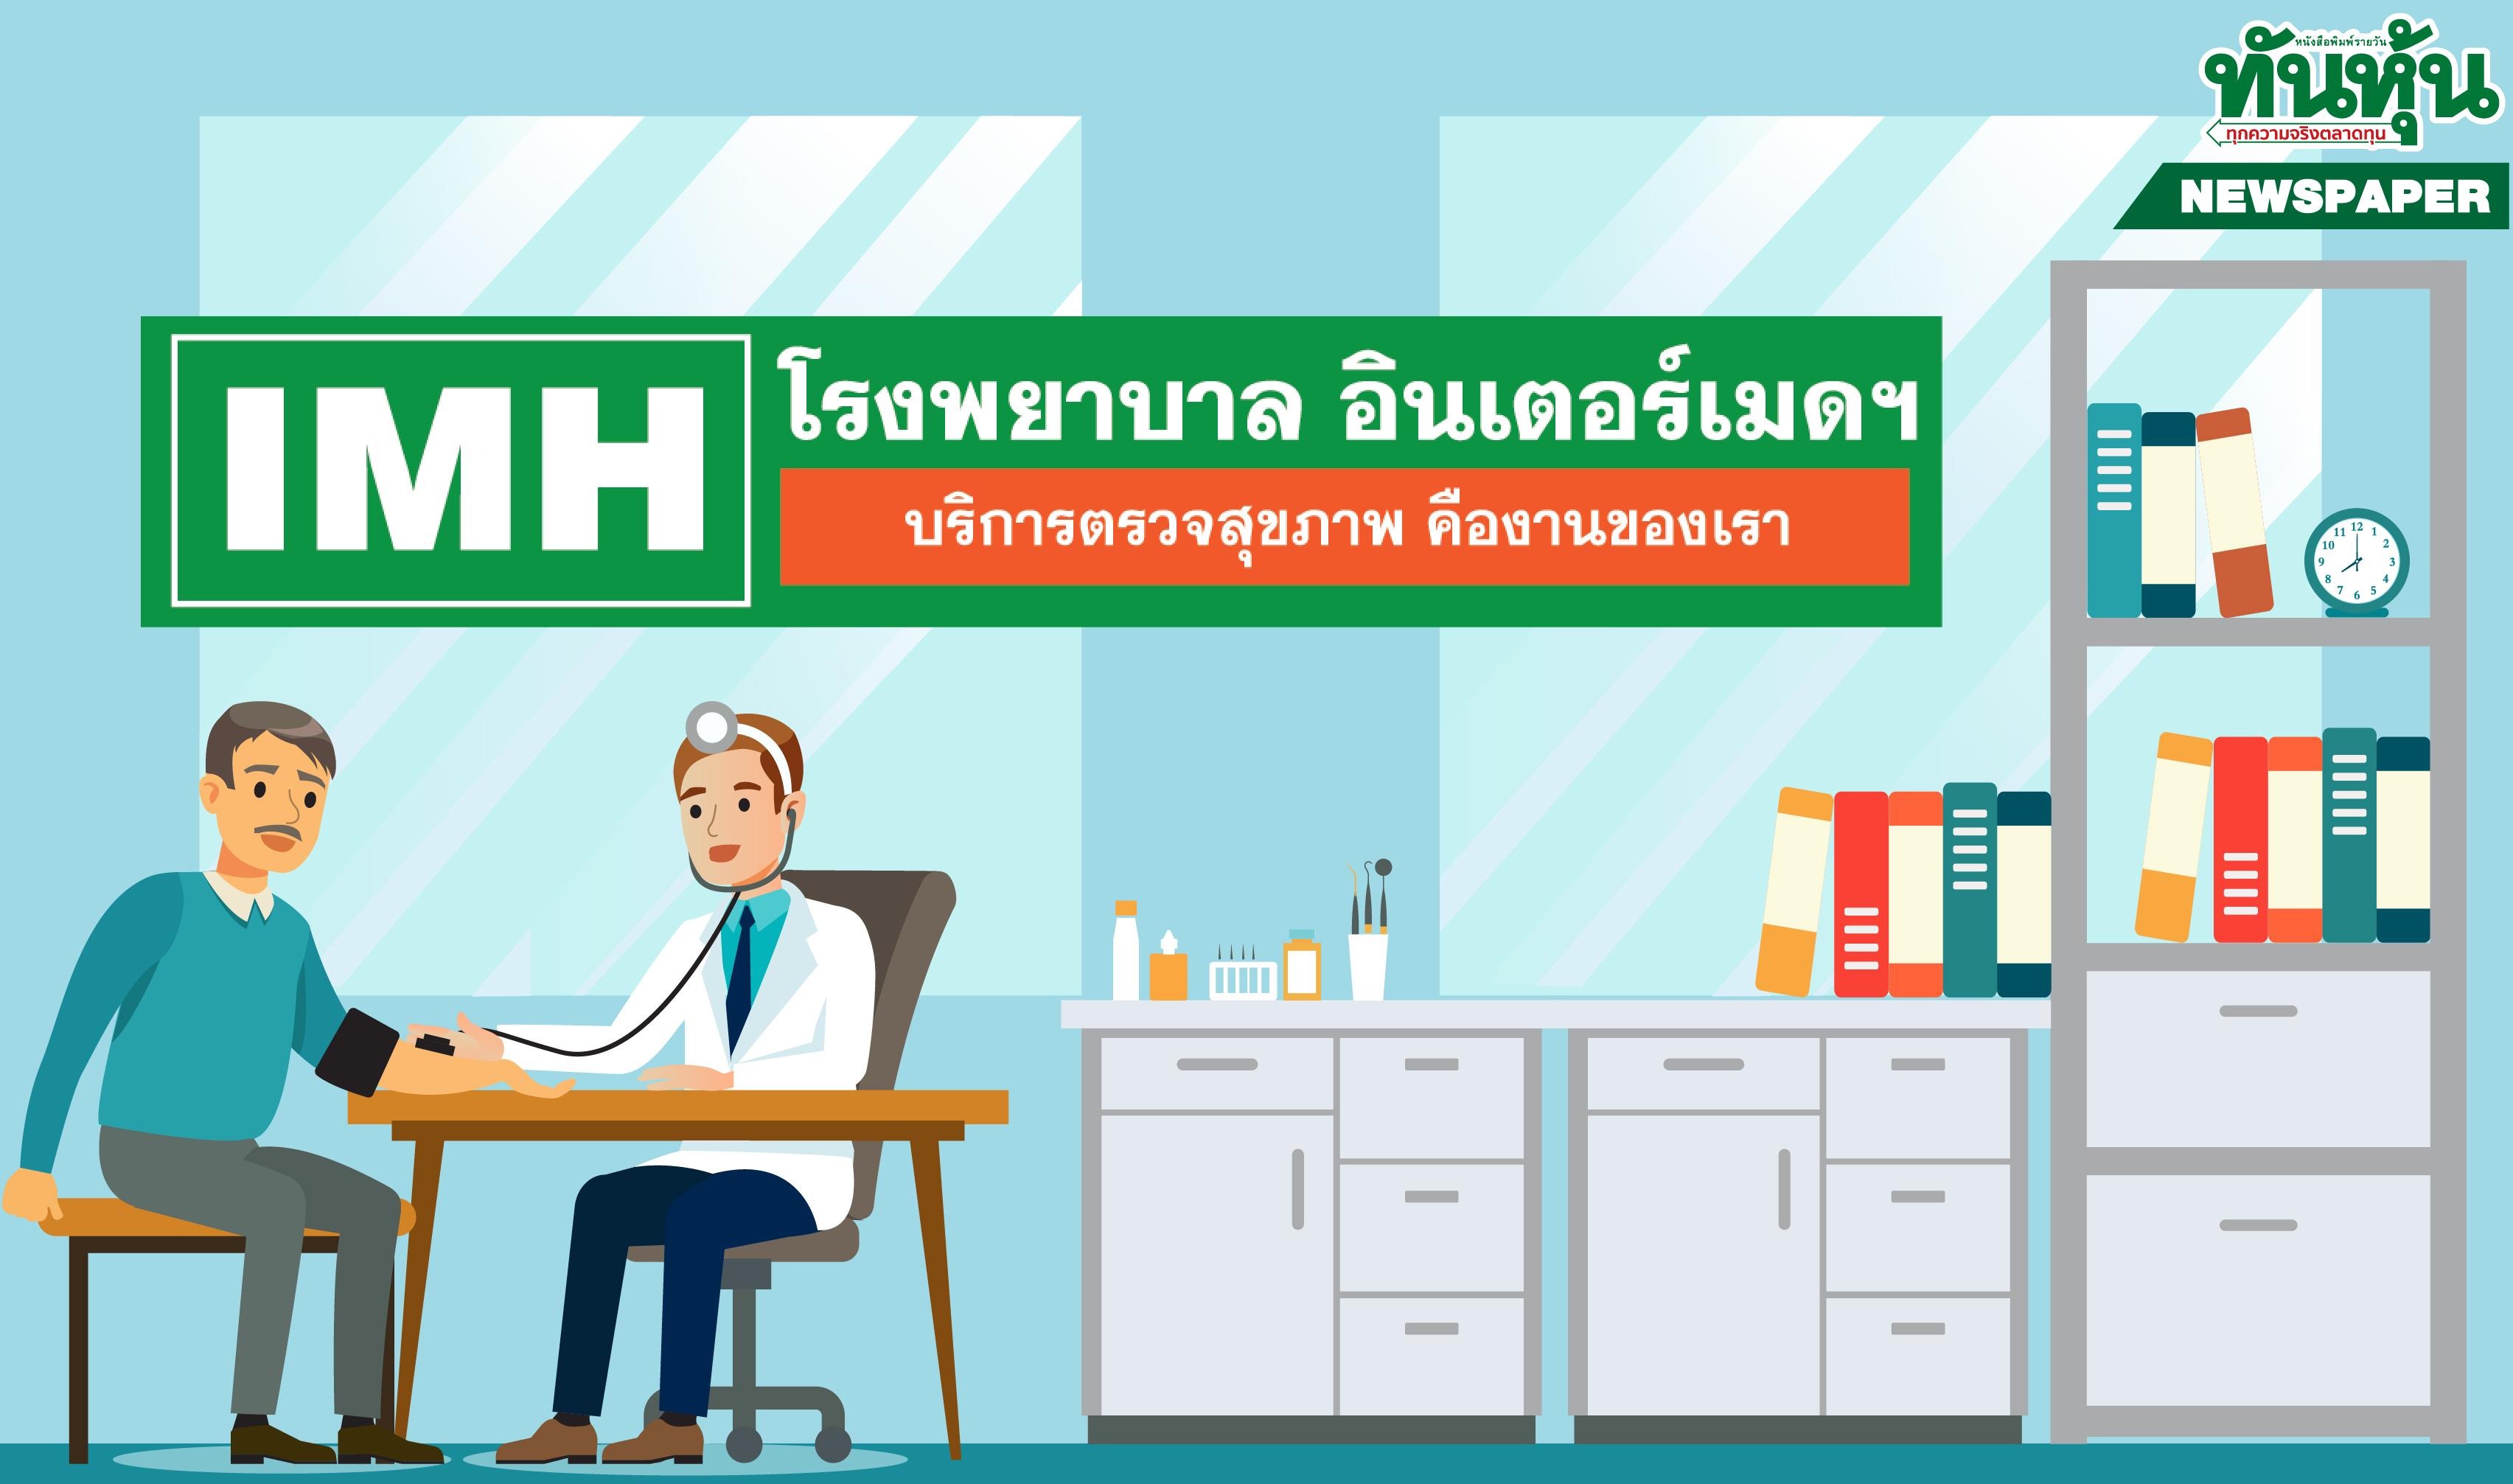 'IMH'รัฐ-เอกชนแห่ใช้บริการ จ้องซื้อกิจการขยายฐานธุรกิจ